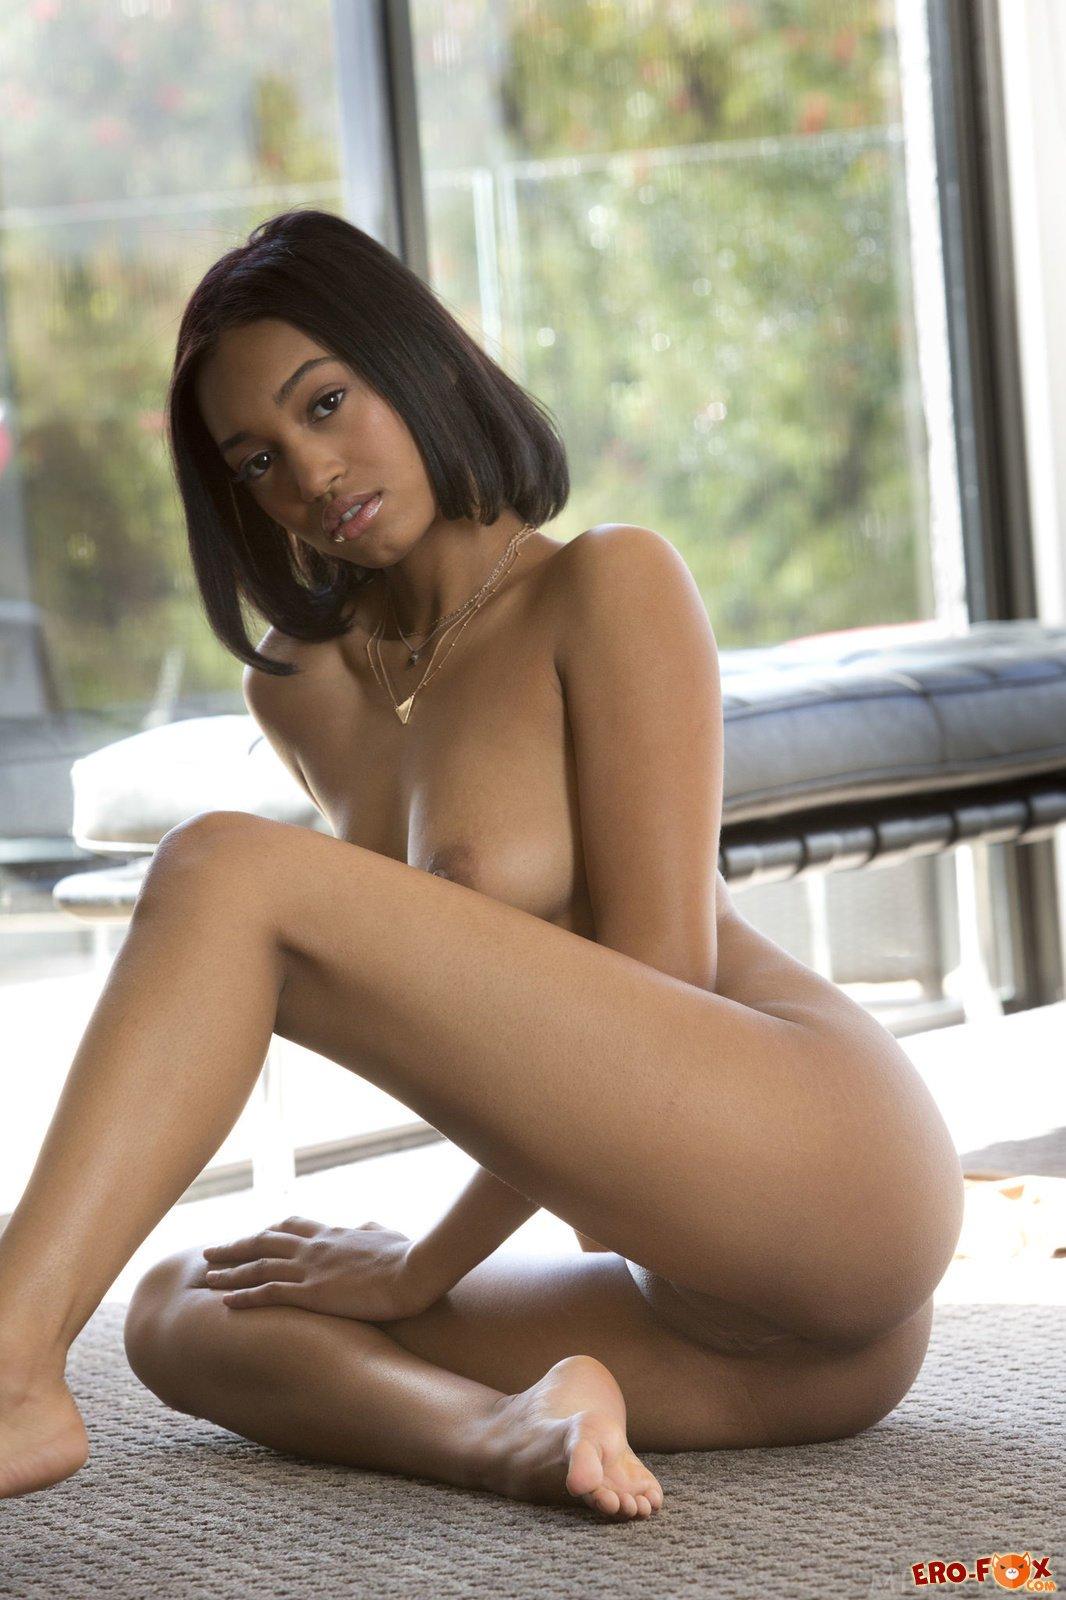 Сексуальная красивая негритянка без трусов